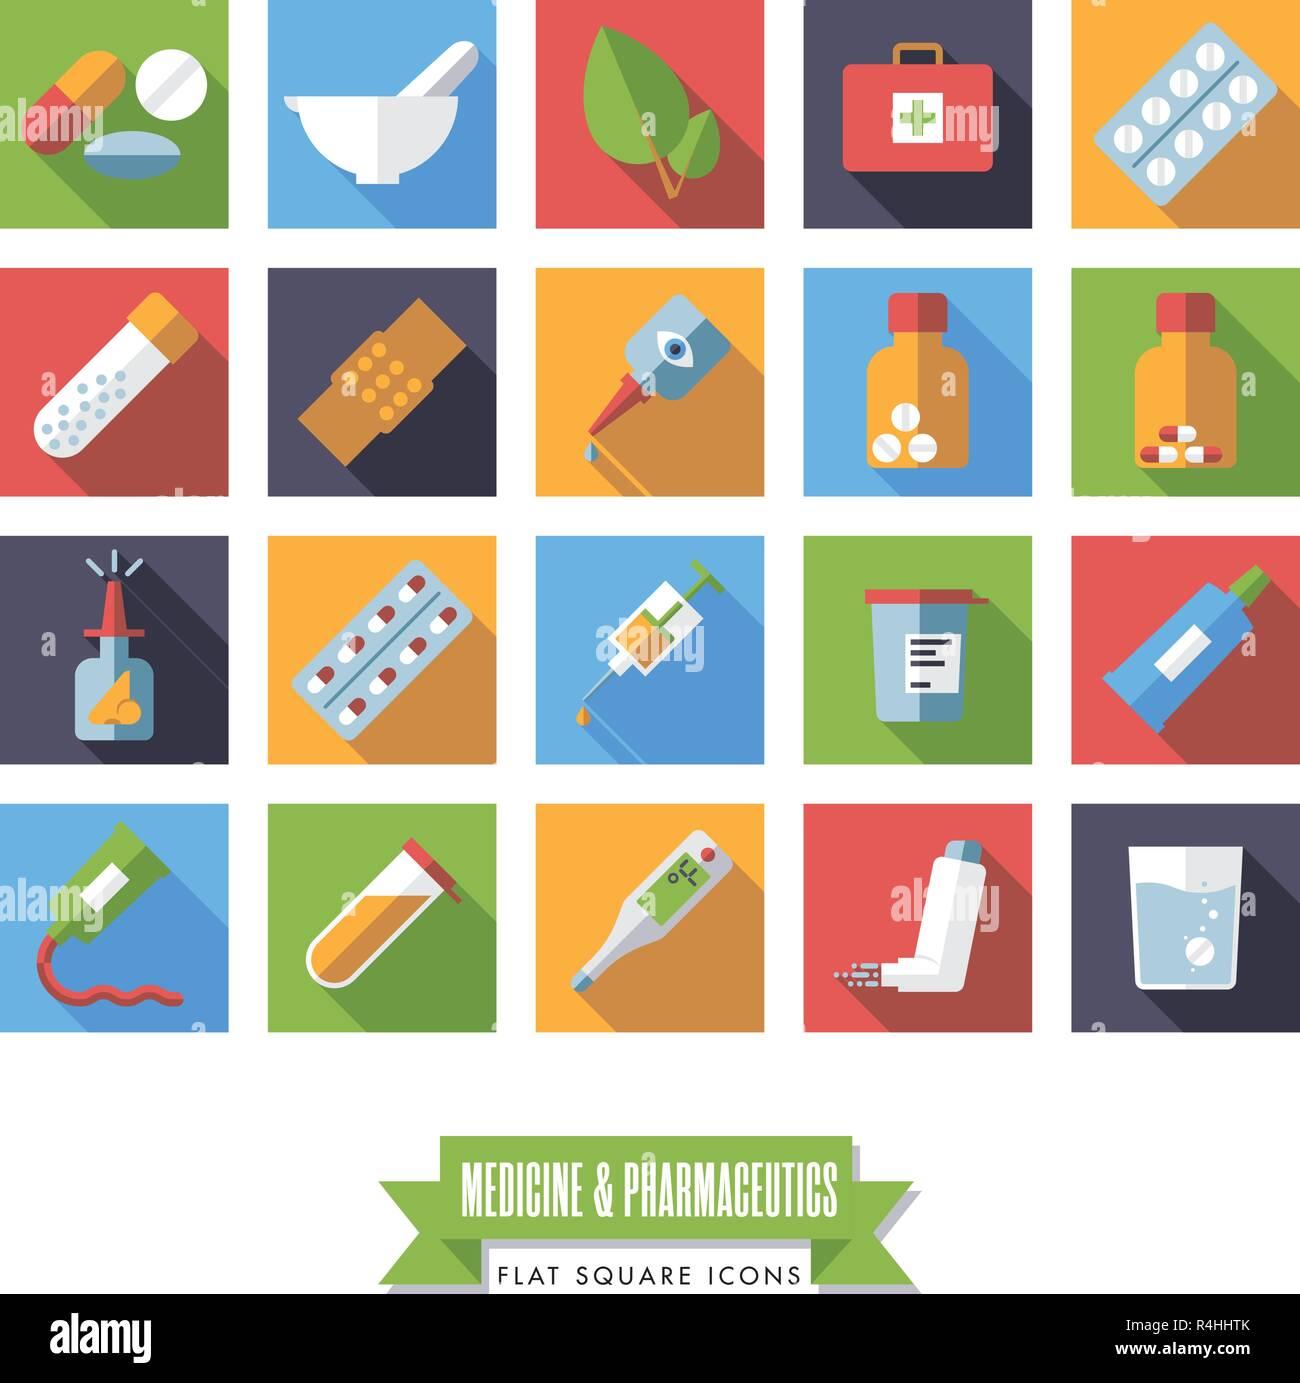 Sammlung von flachen Design lange Schatten Platz Medizin und Pharmazie Symbole Stockbild